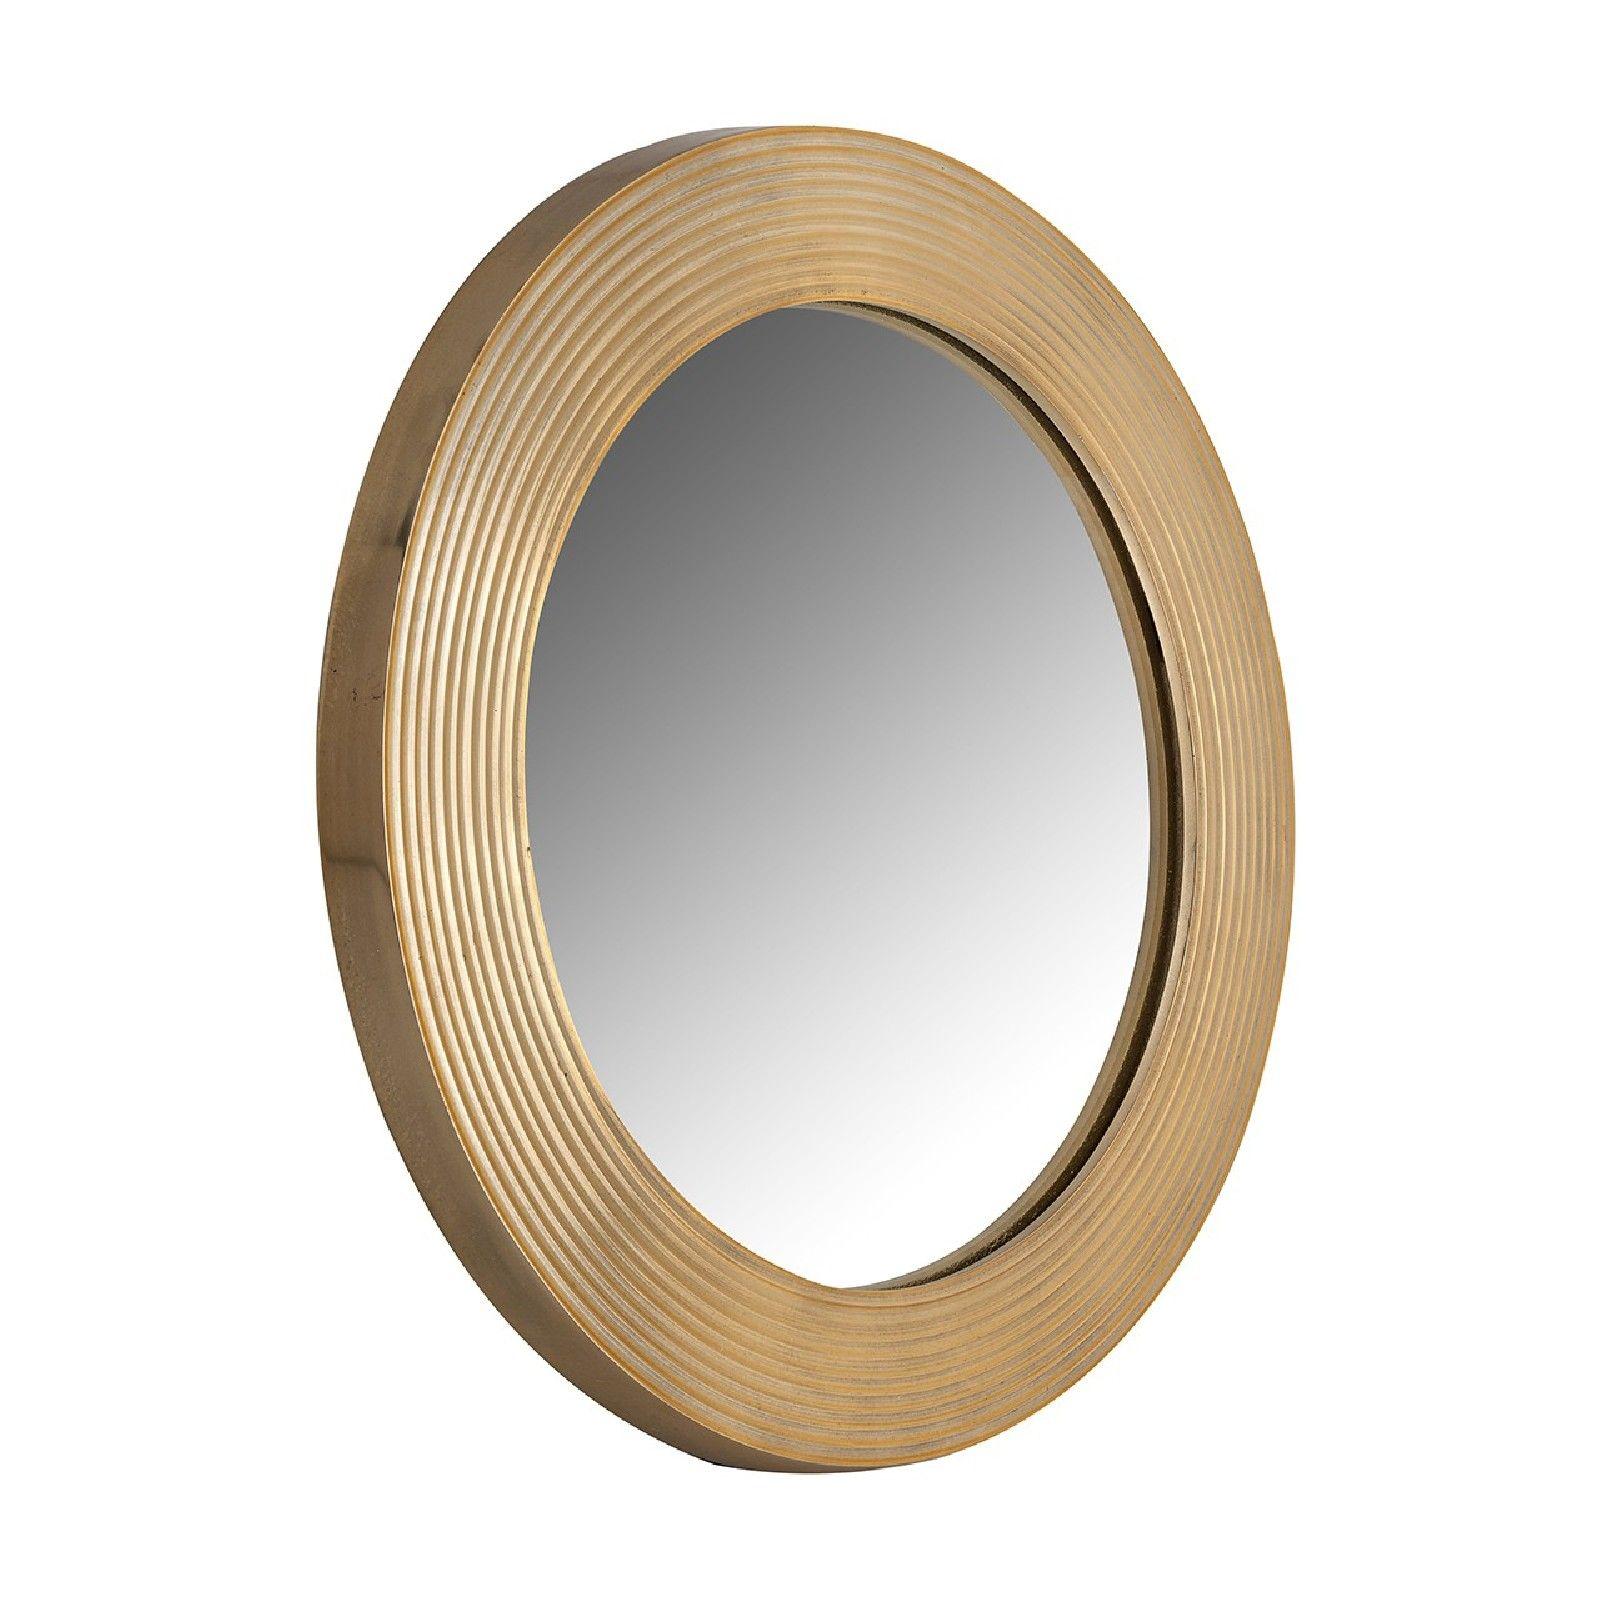 Miroir Montel round small Miroirs décoratifs - 1